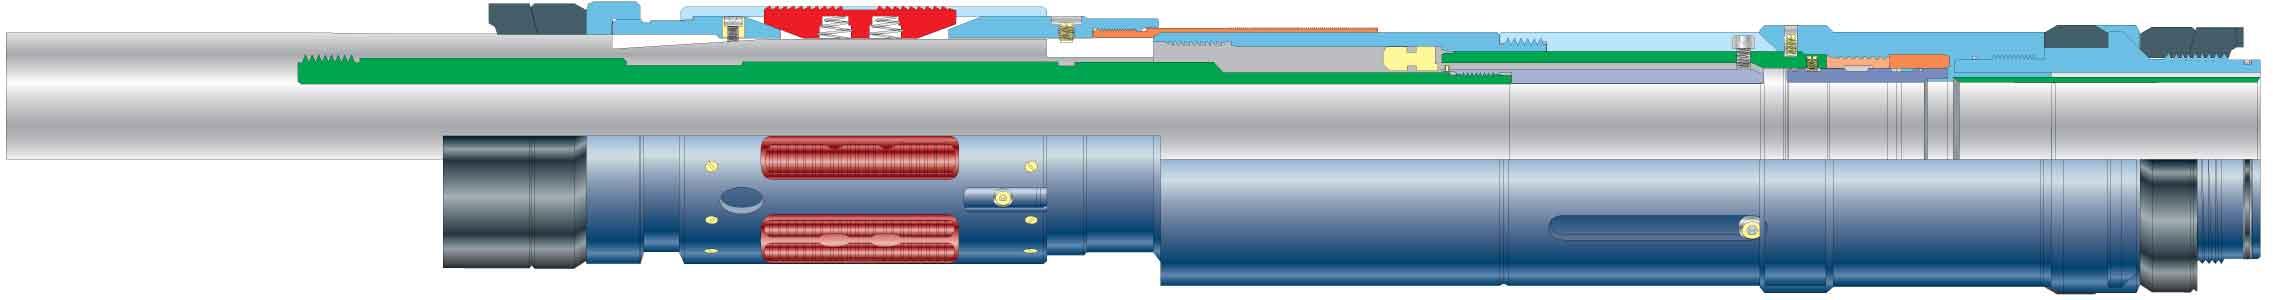 QUANTUM HS retrievable hydraulic-set sealbore production packer